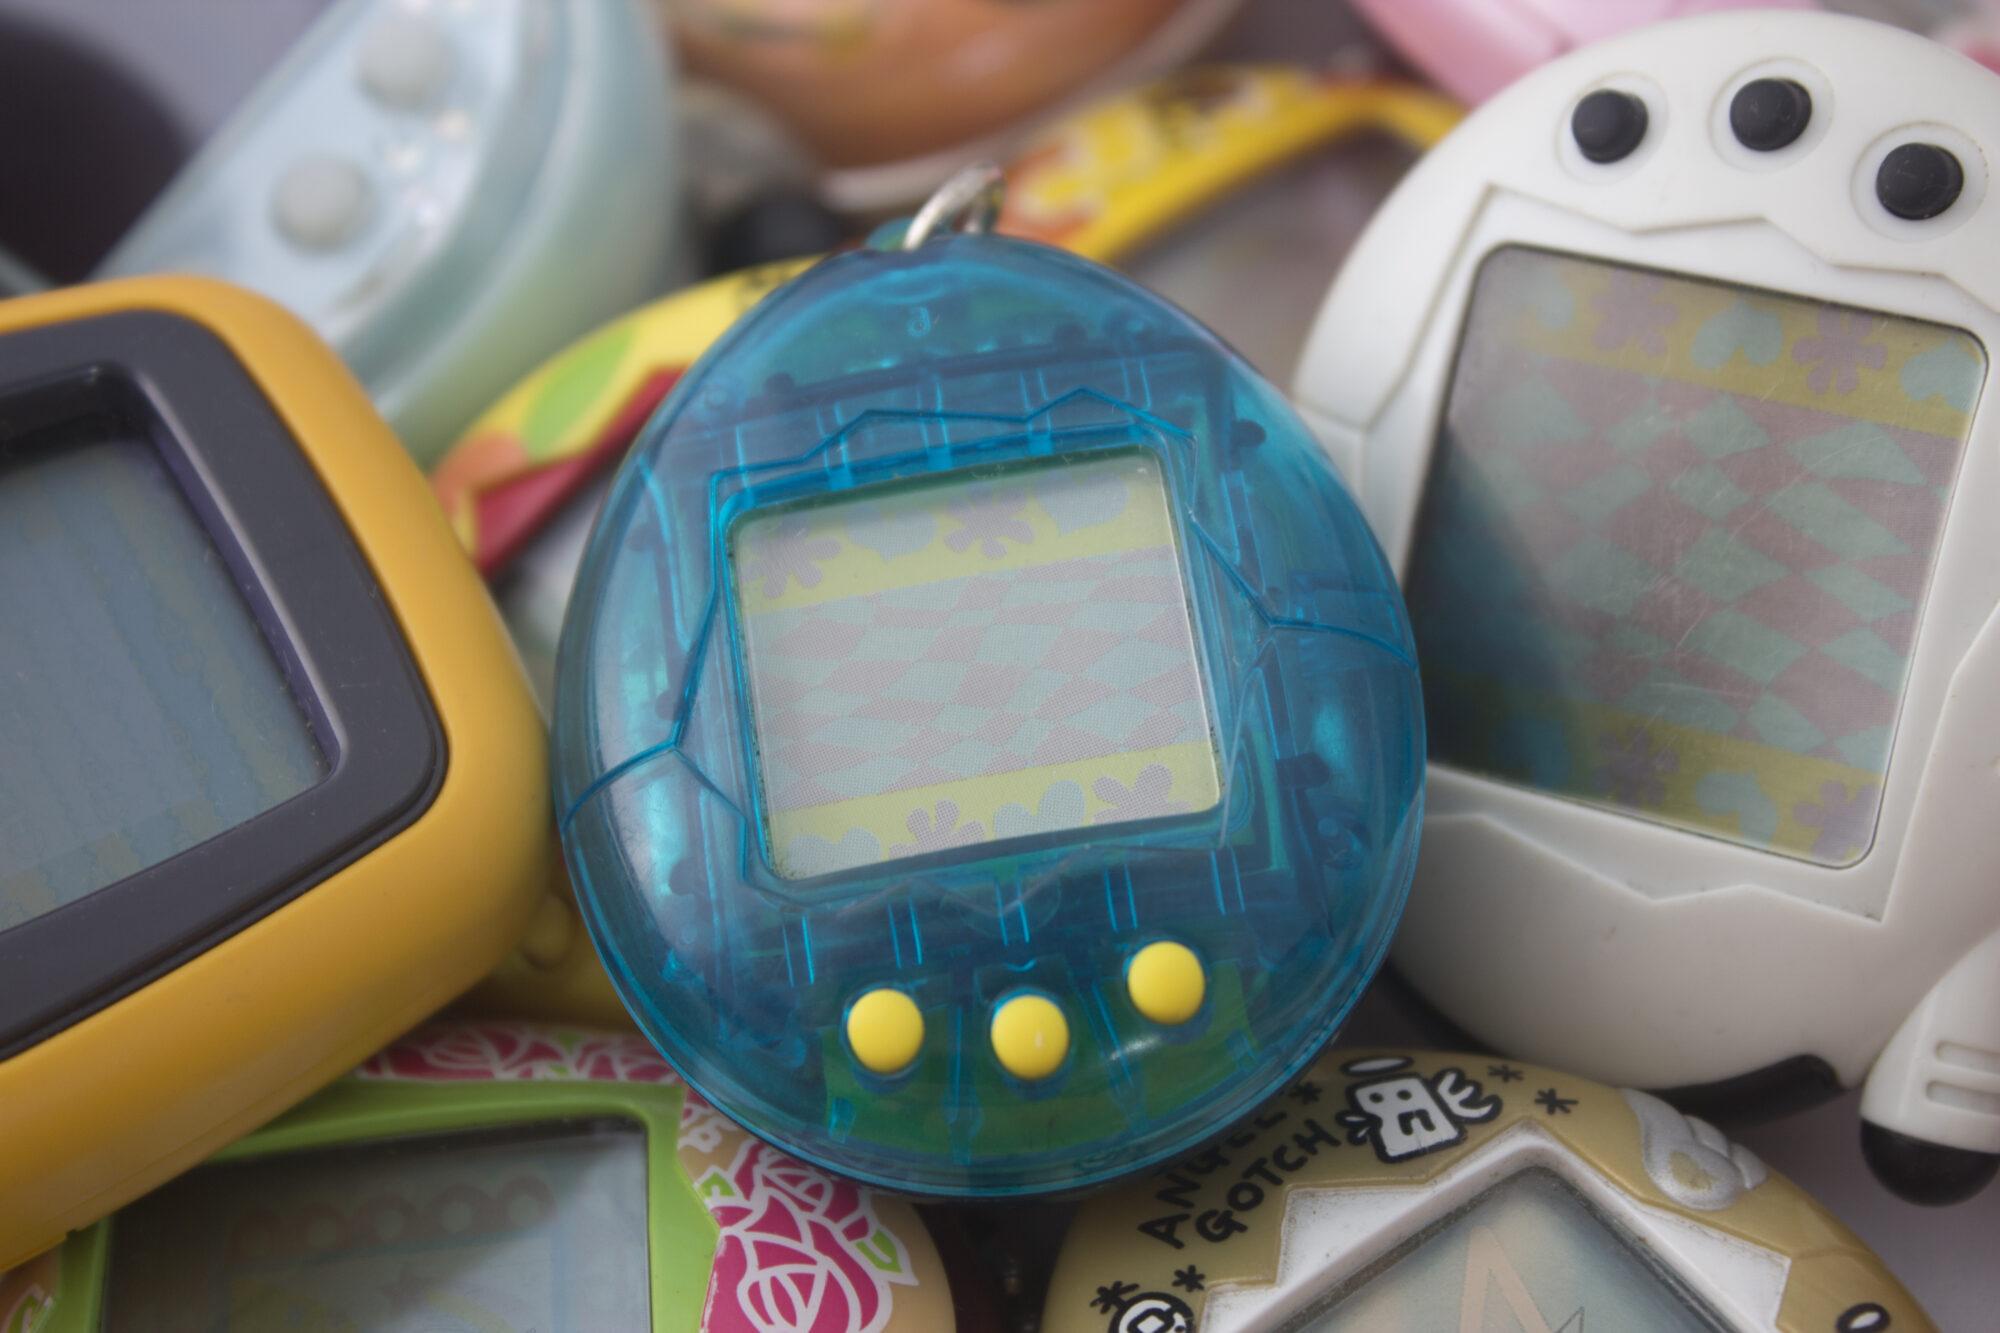 Jaren 90: de tijd van de GSM's, spelcomputers, karaoke, gabbers en skaters